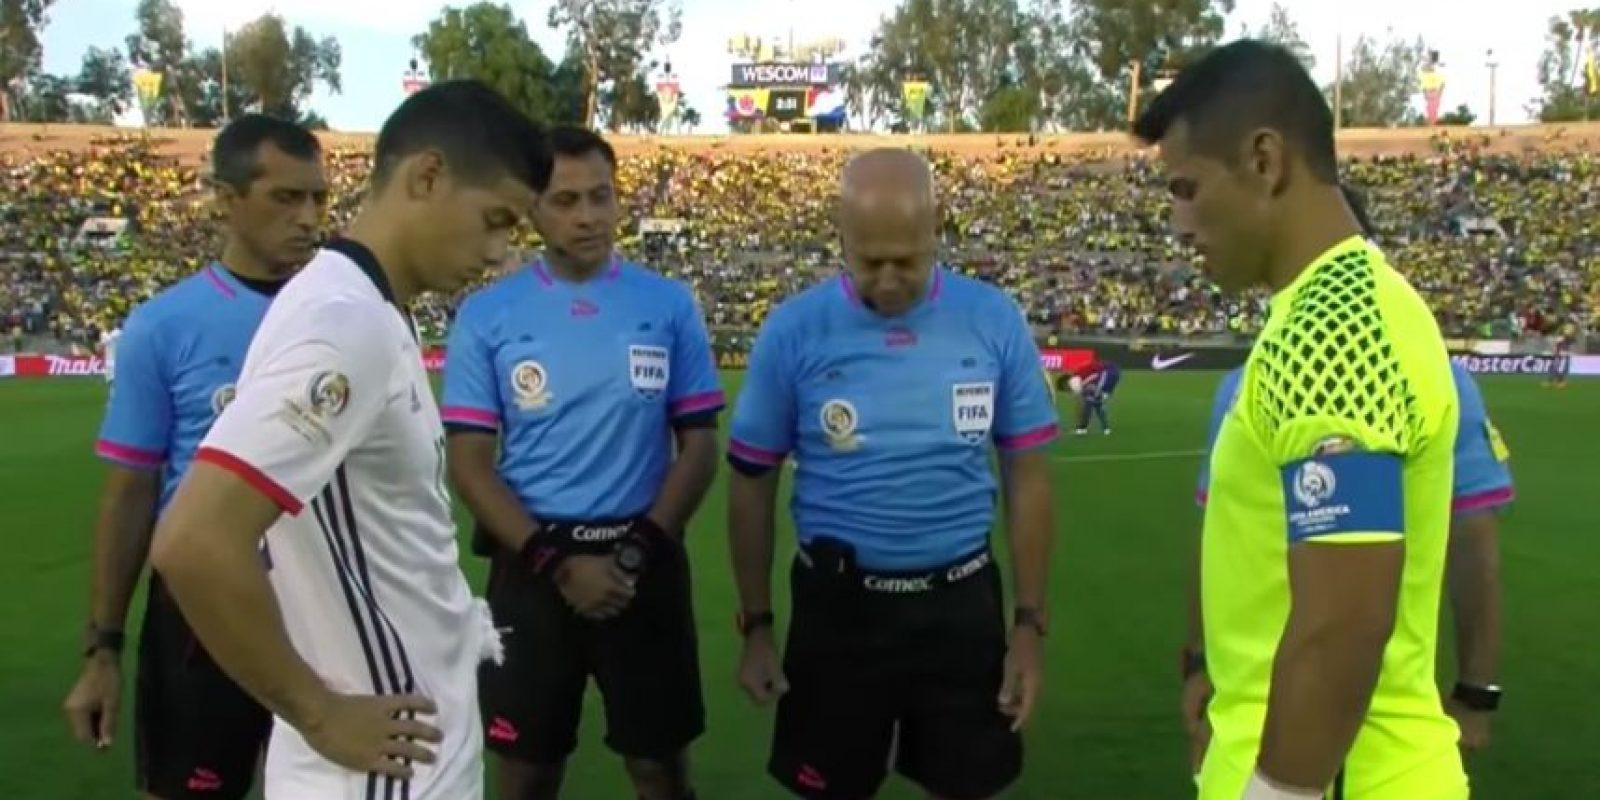 El árbitro del Colombia-Paraguay lanzó la moneda para que los capitanes elijan lado y cayó parada Foto:Captura de pantalla